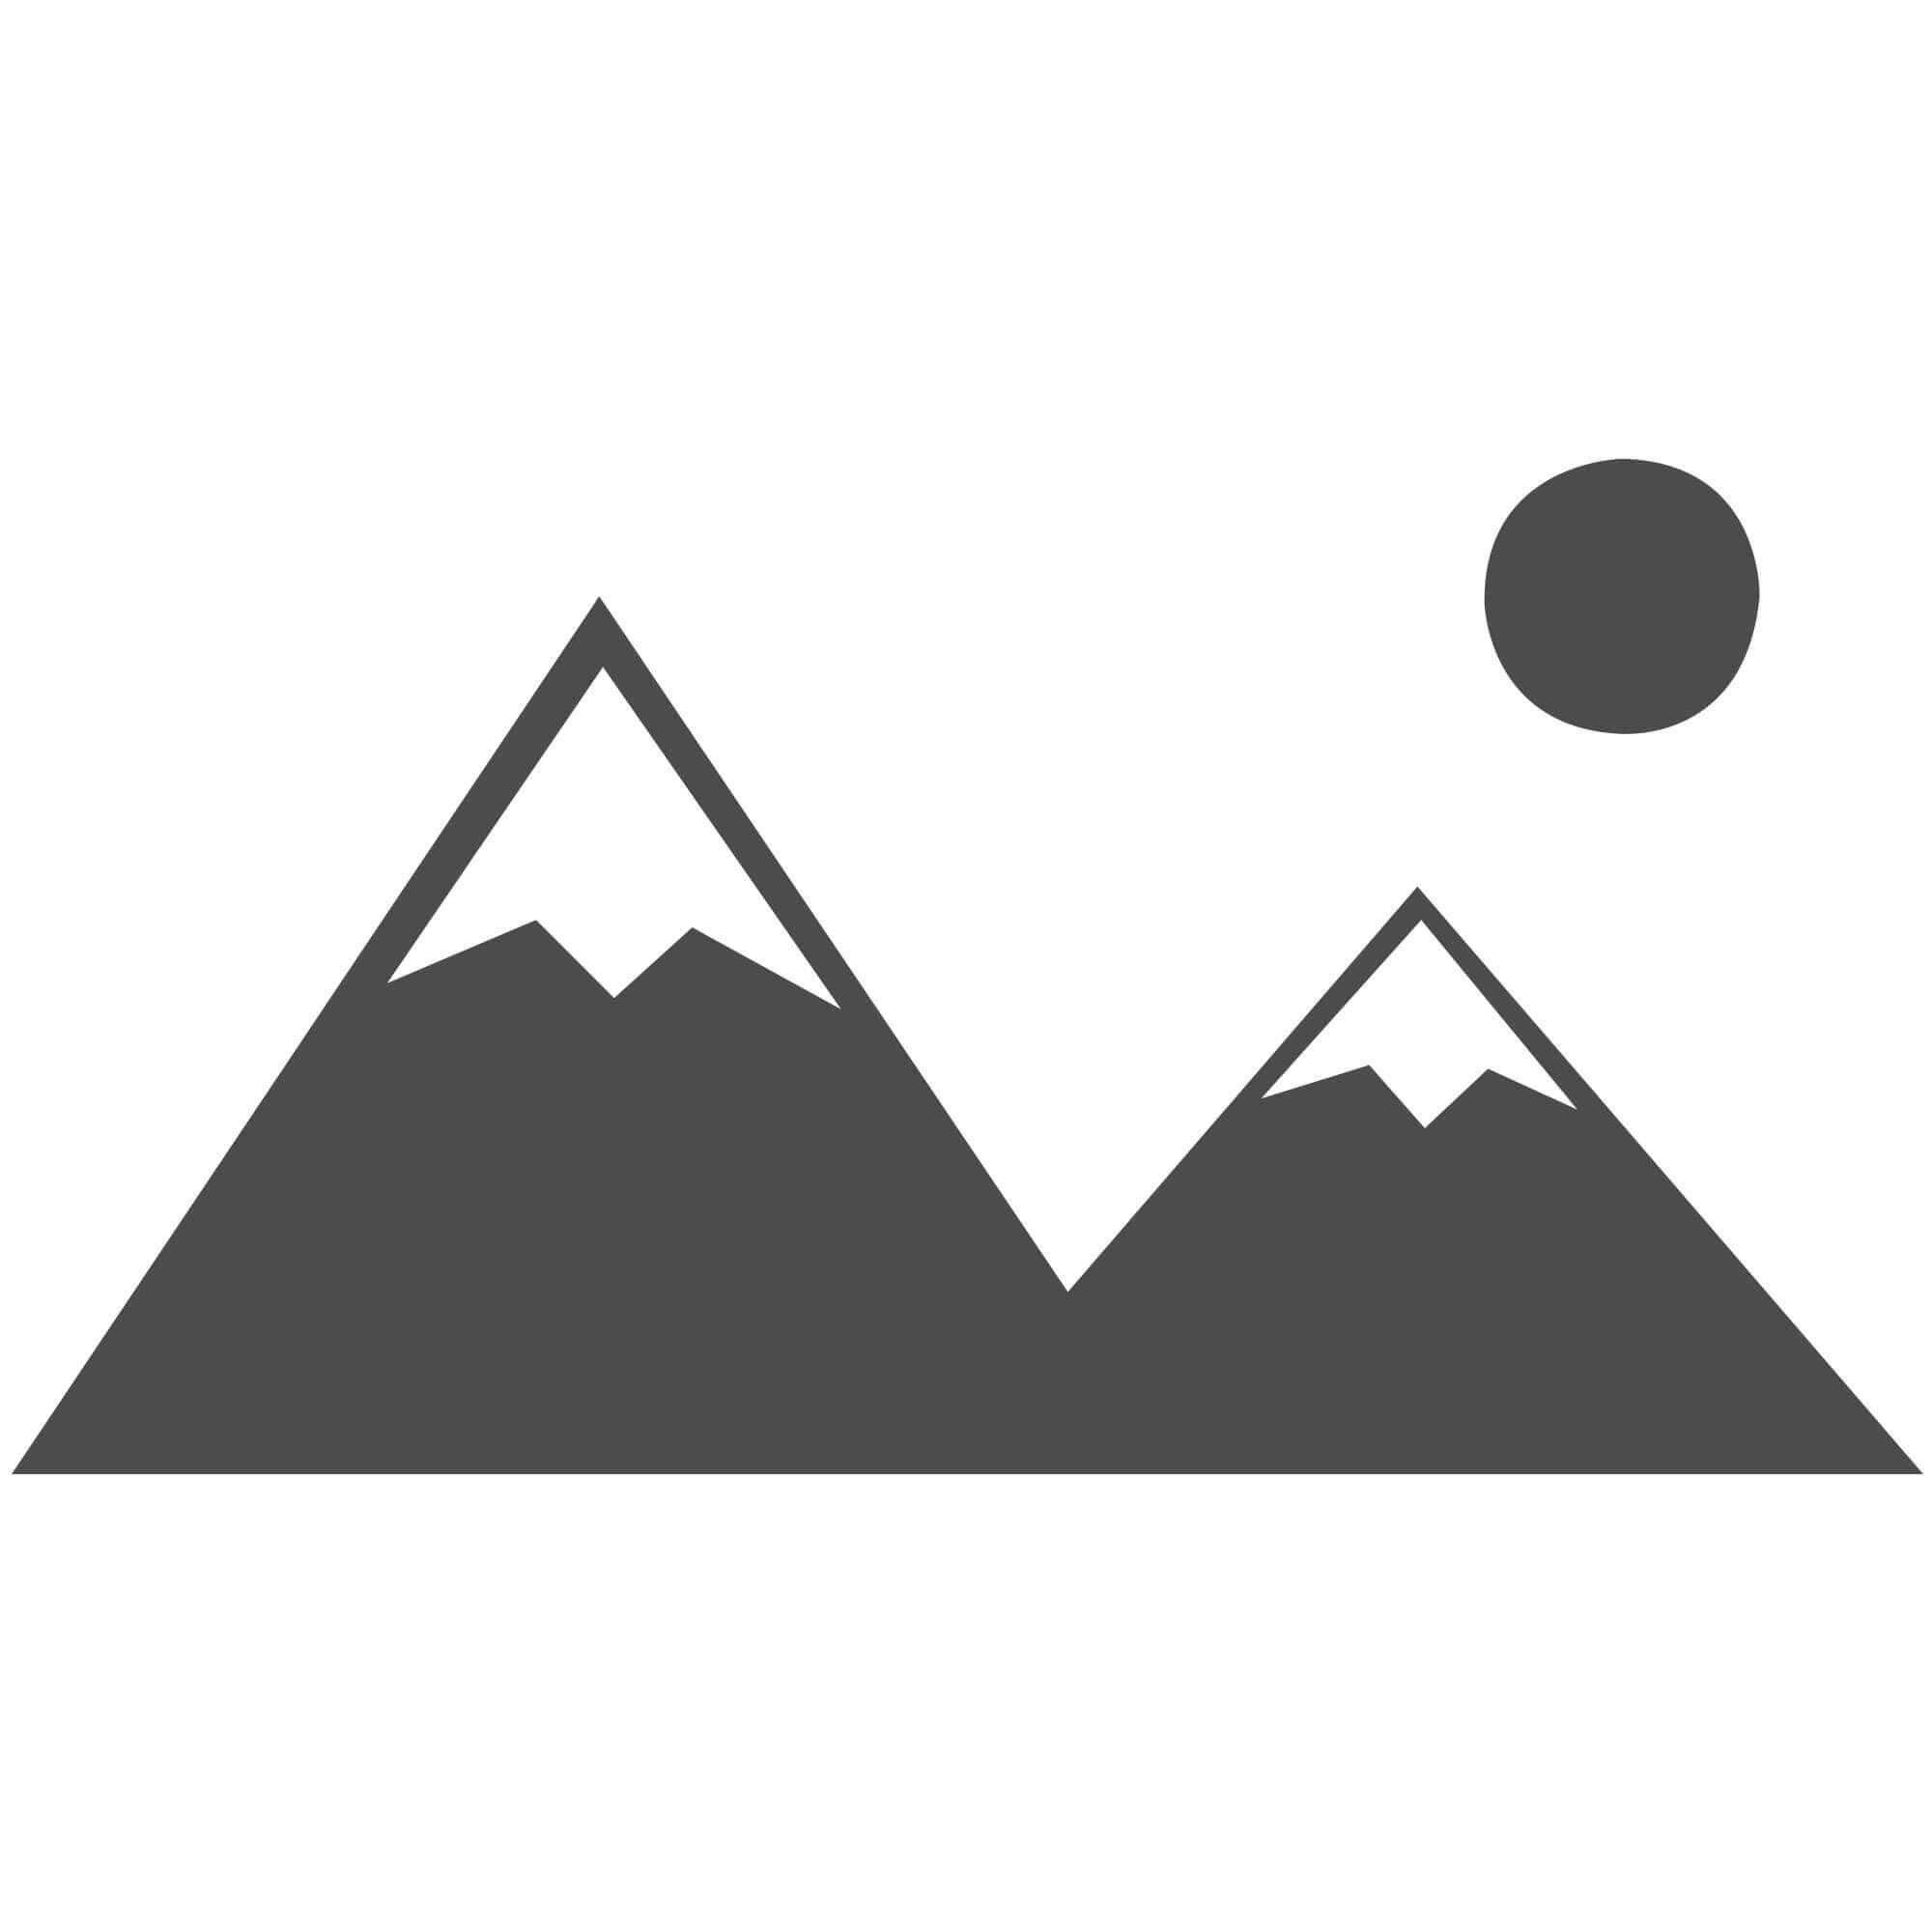 Velvet Shaggy Rug - Ochre Yellow - Size Runner 60 x 230 cm